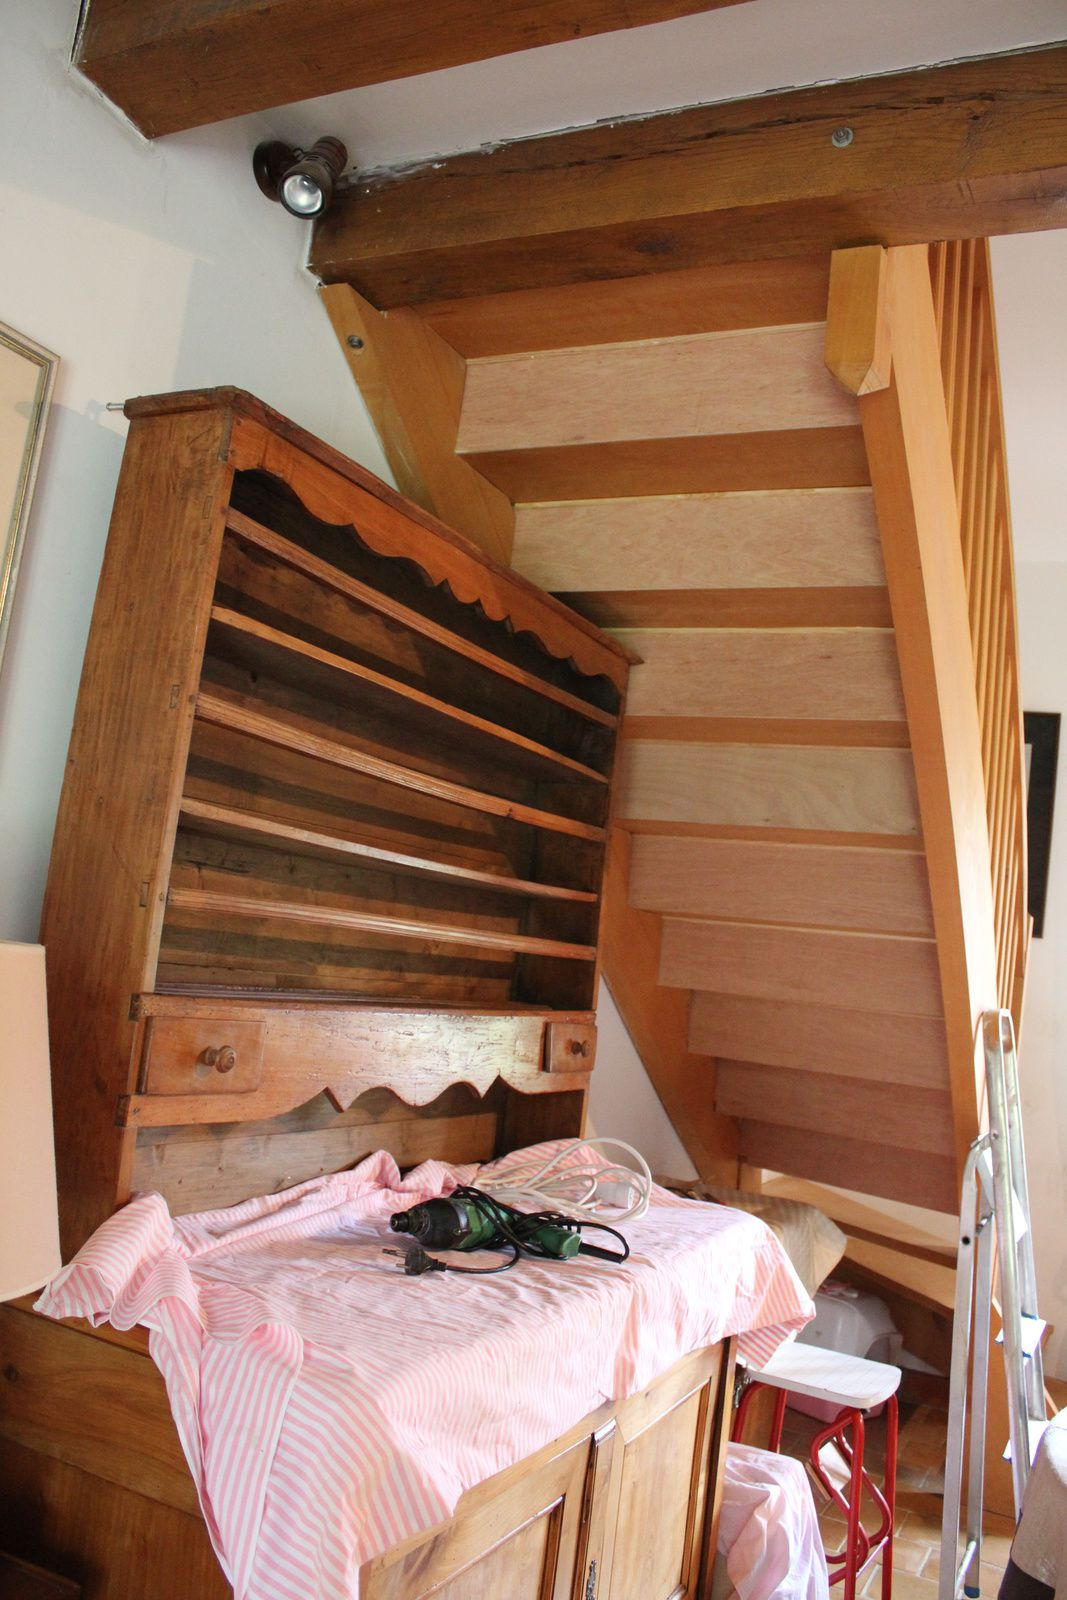 metamorphoser un escalier poser des contremarches With peindre des escalier en bois 3 metamorphoser un escalier poser des contremarches